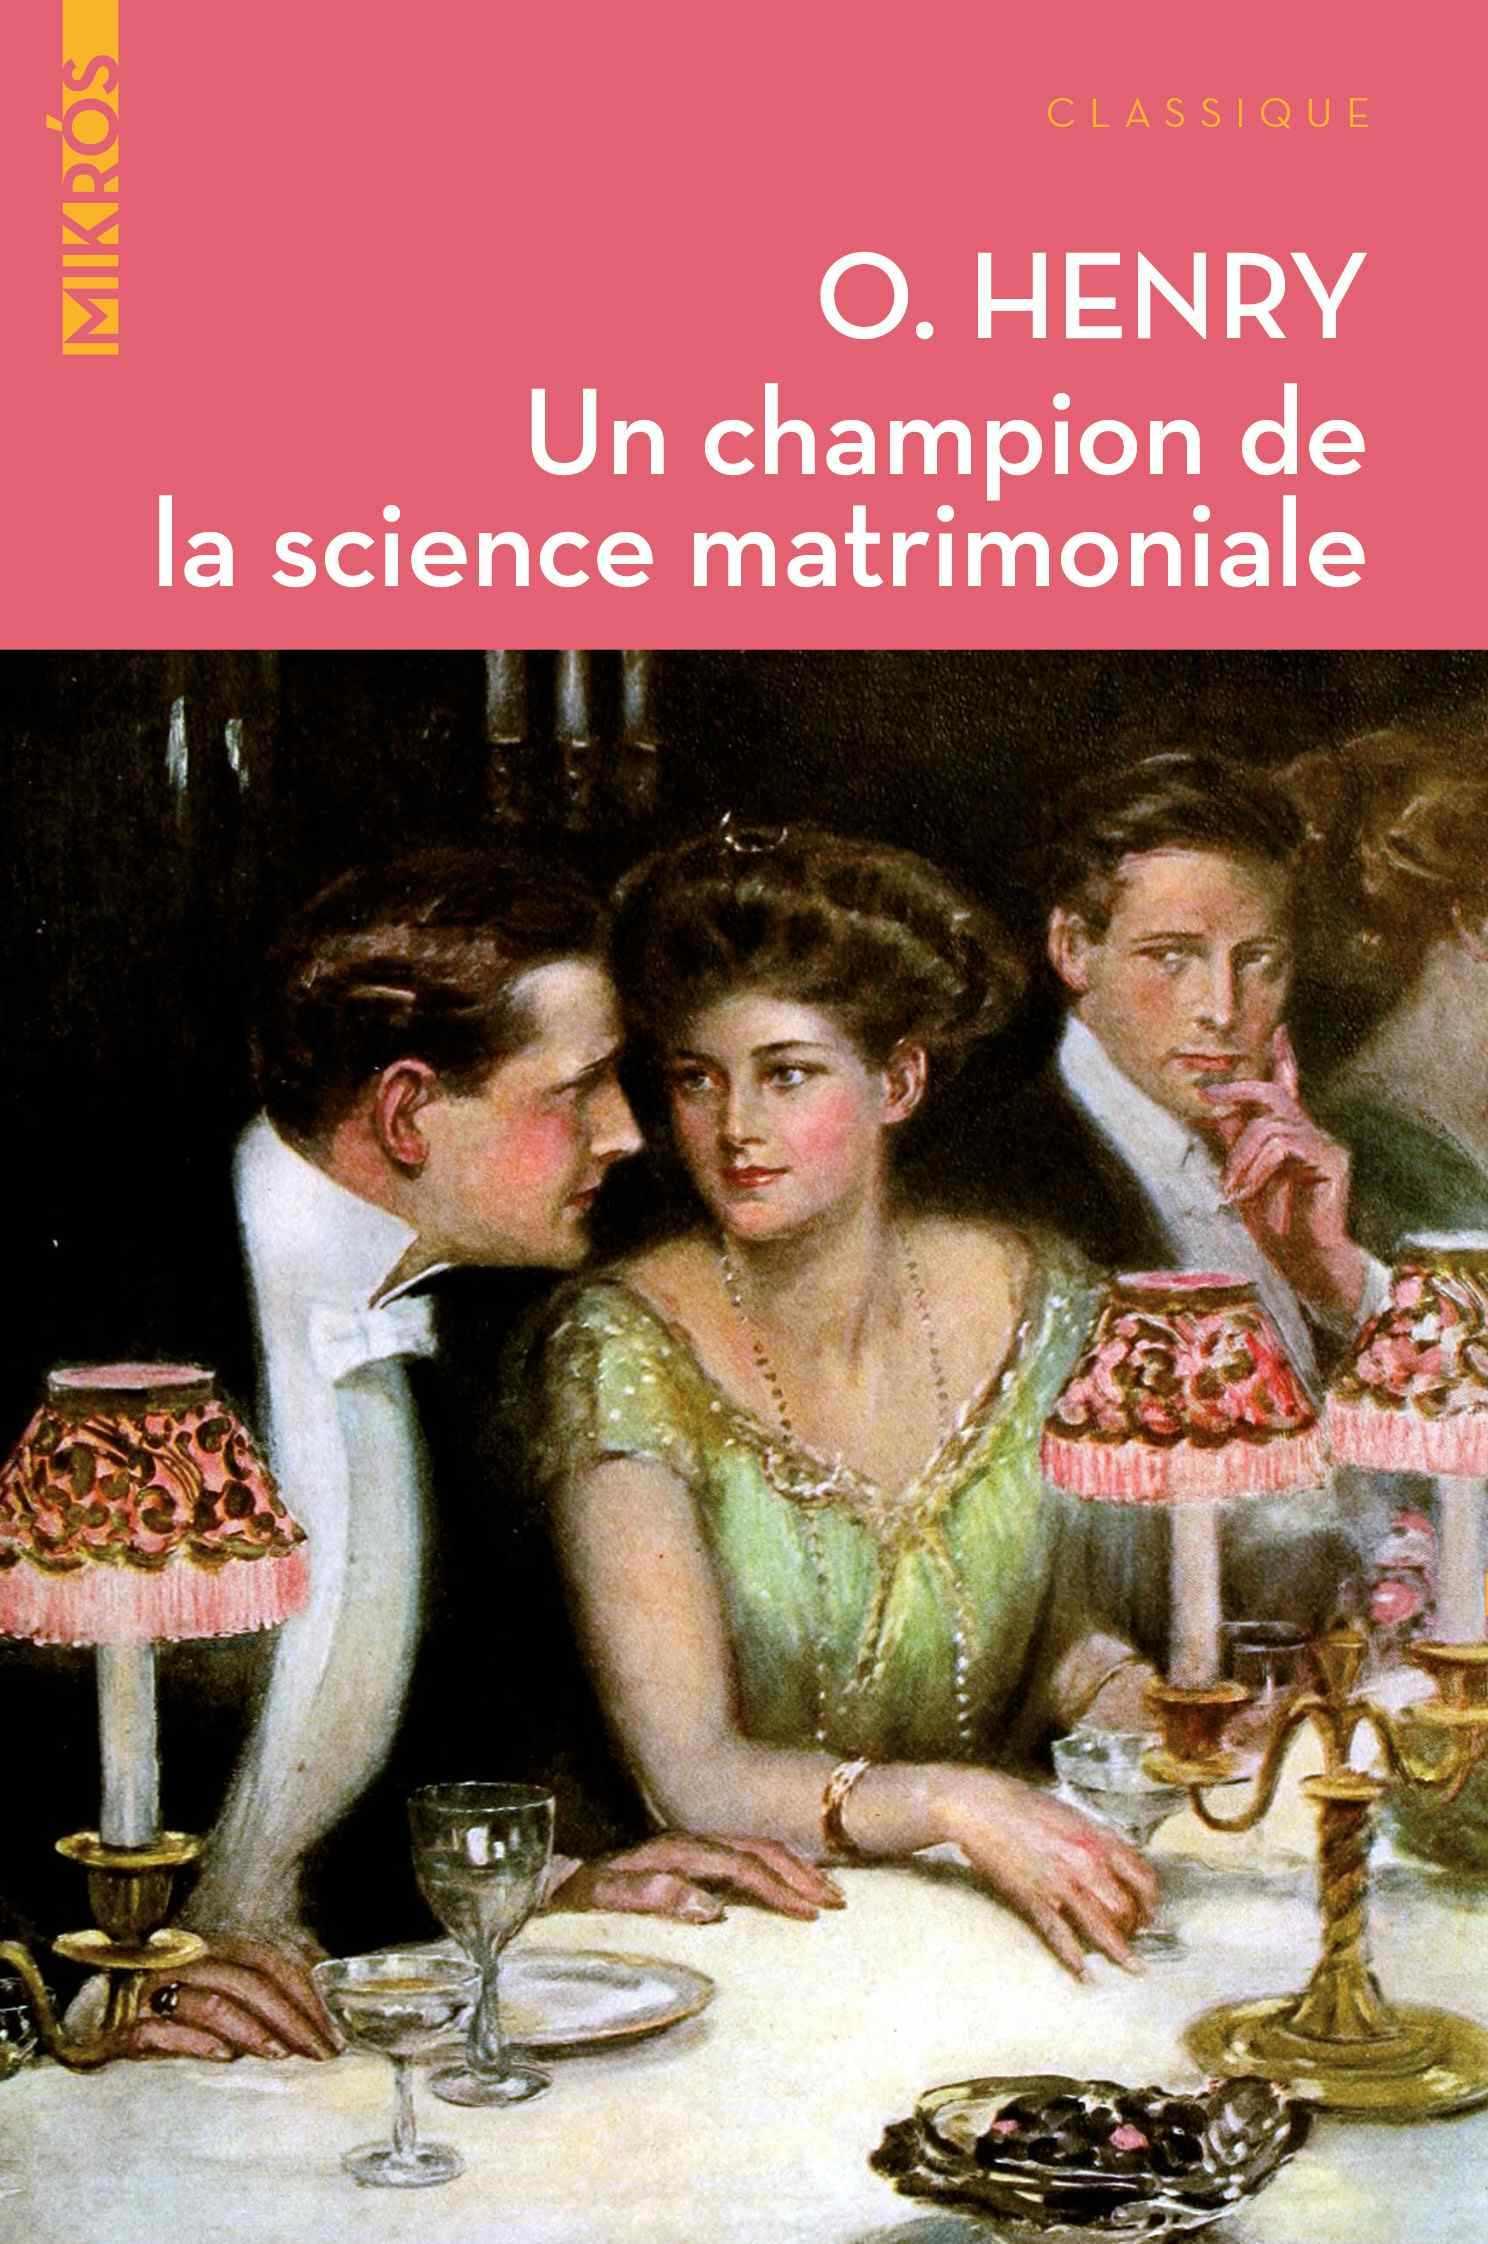 Un champion de la science matrimoniale